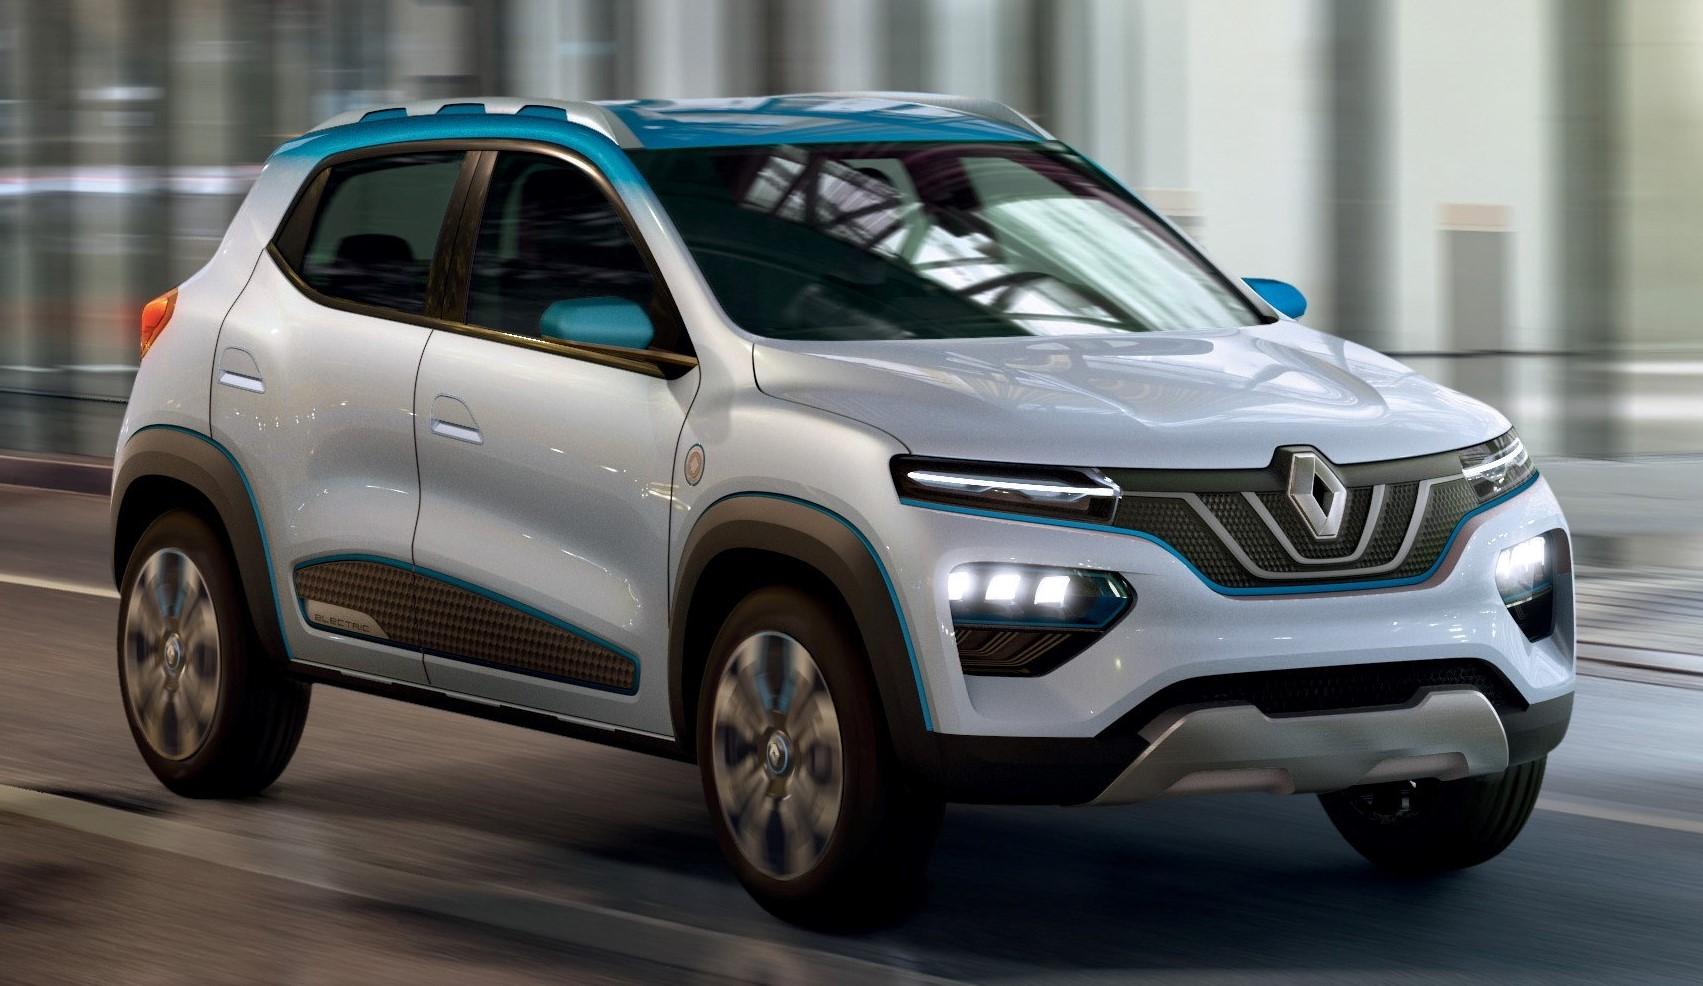 Renault apresenta o K-ZE, versão 100% elétrica do Kwid, com autonomia de 250 quilômetros